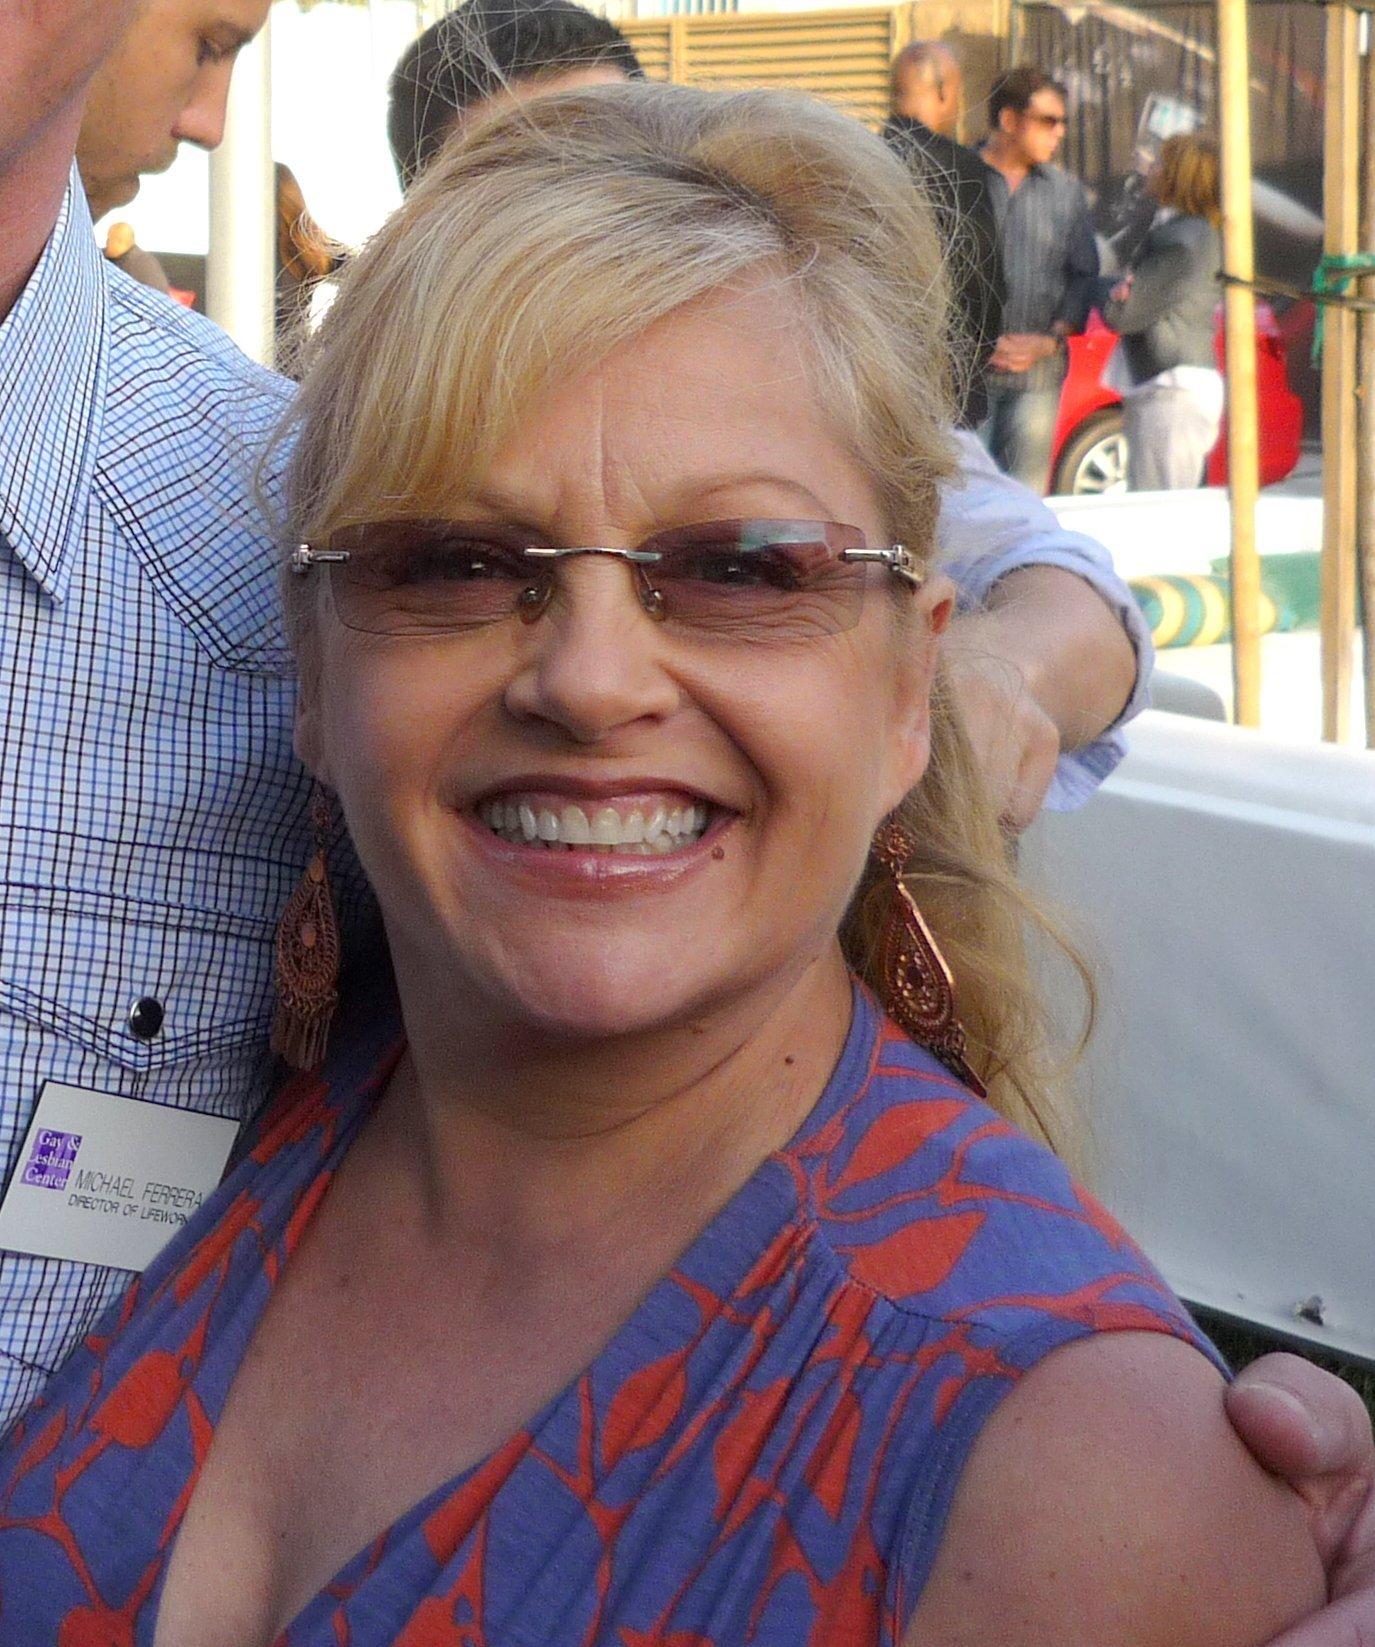 Charlene Tilton in 2010. | Photo: Wikimedia Commons